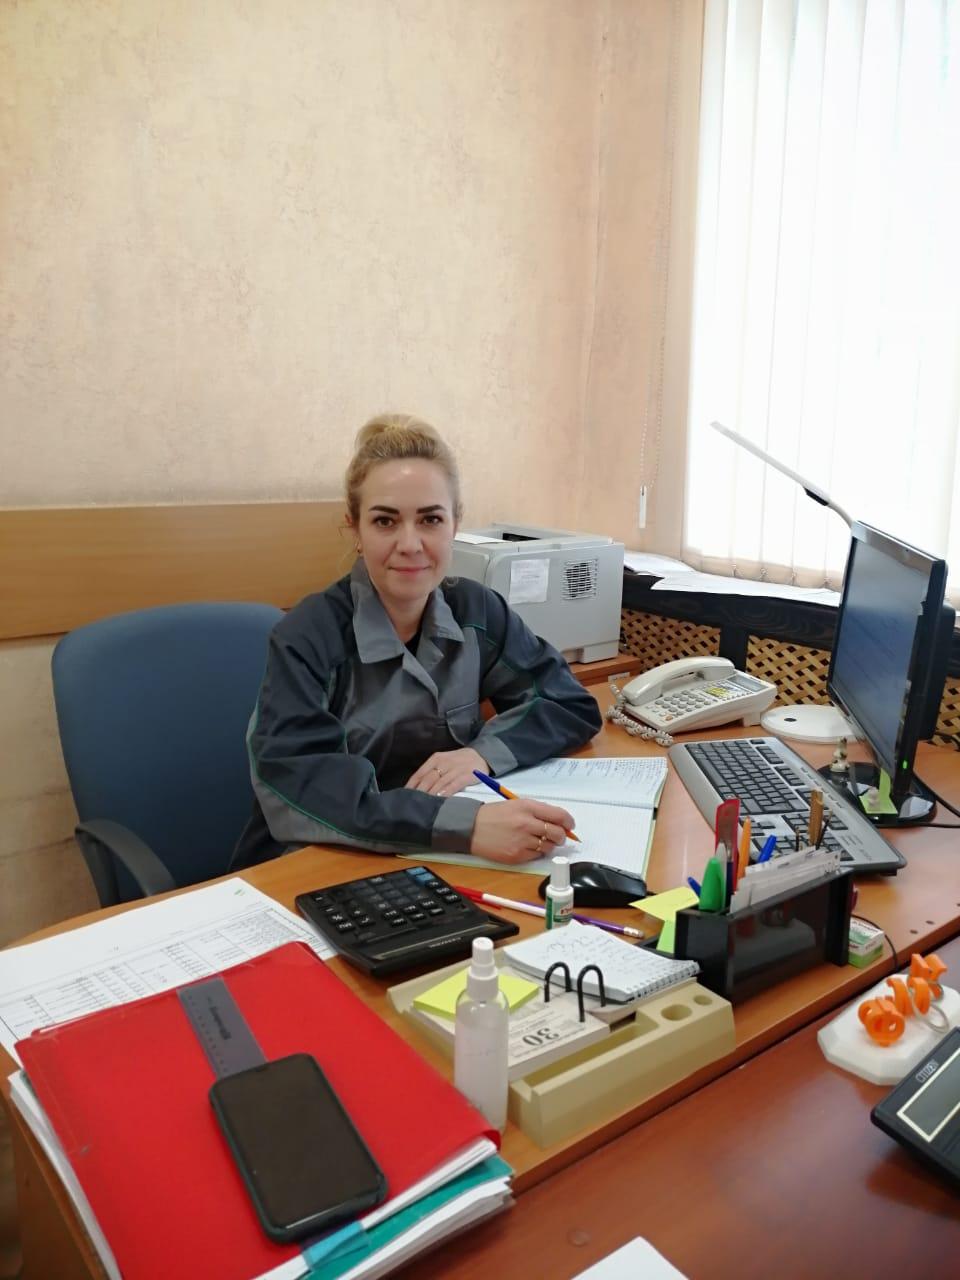 Виктория Смирнова на комбинат устроилась по рекомендации мамы.